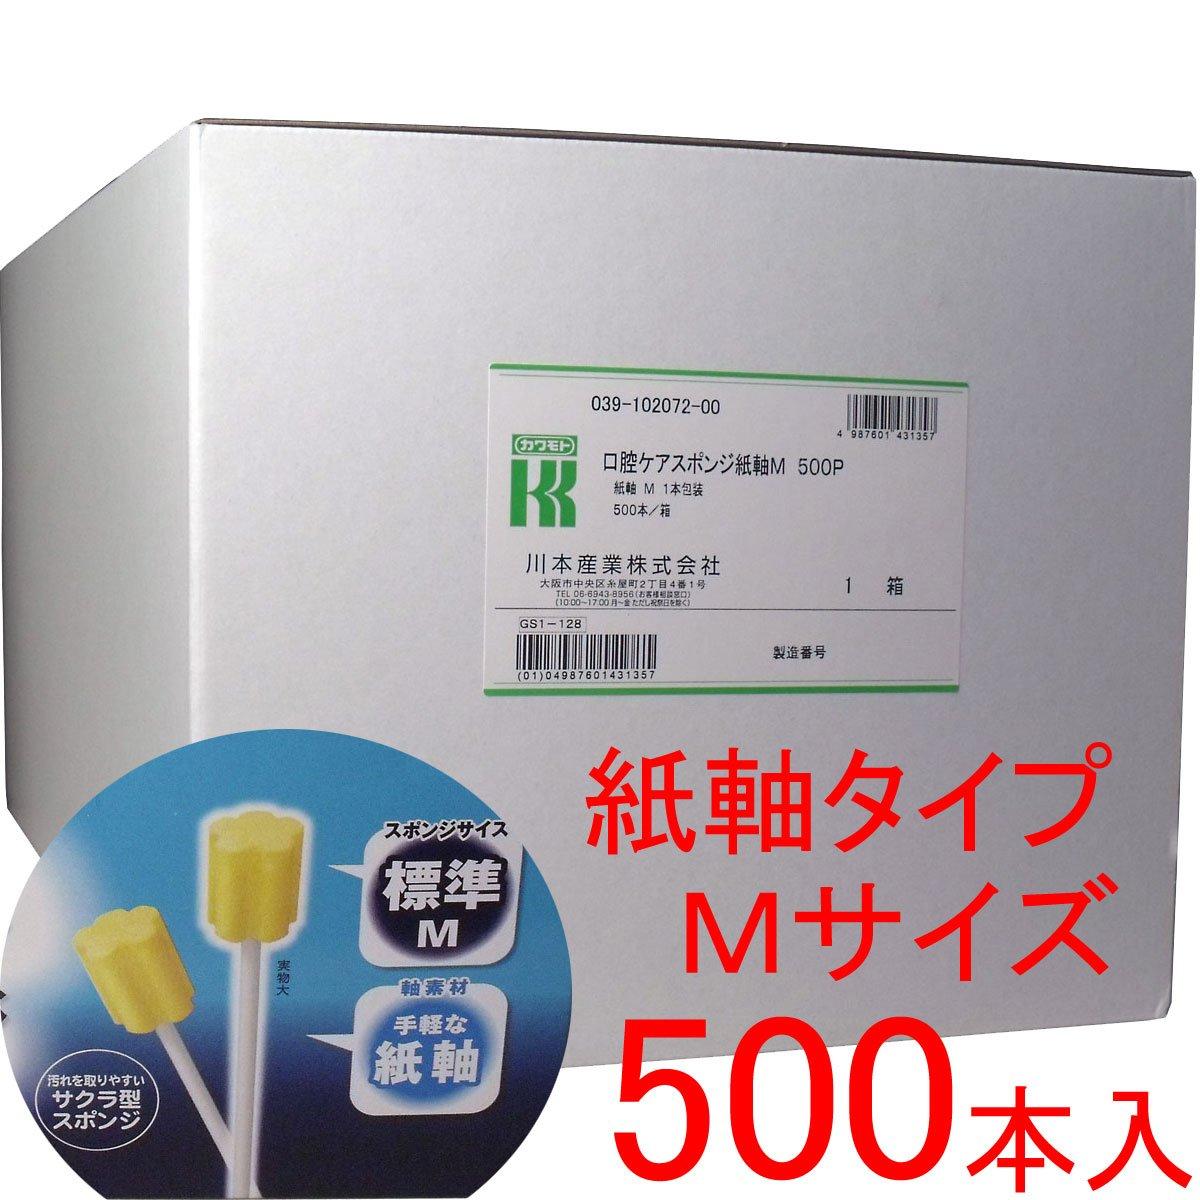 川本産業 マウスピュア口腔ケアスポンジ 紙軸 500本 500本 M B006JDBYRA